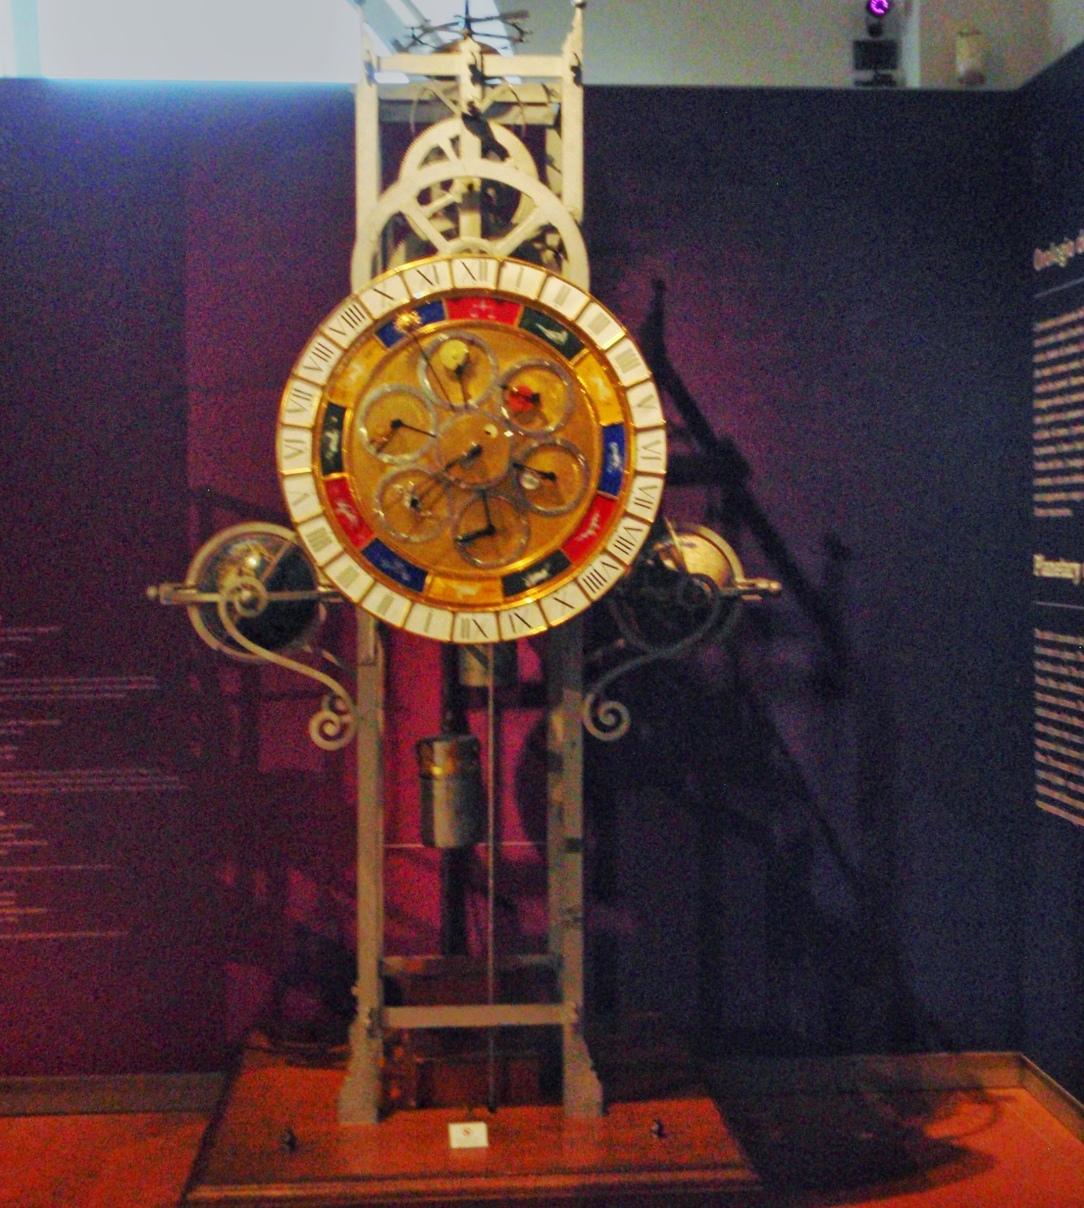 Planetary clock by Lorenzo della Volpaia